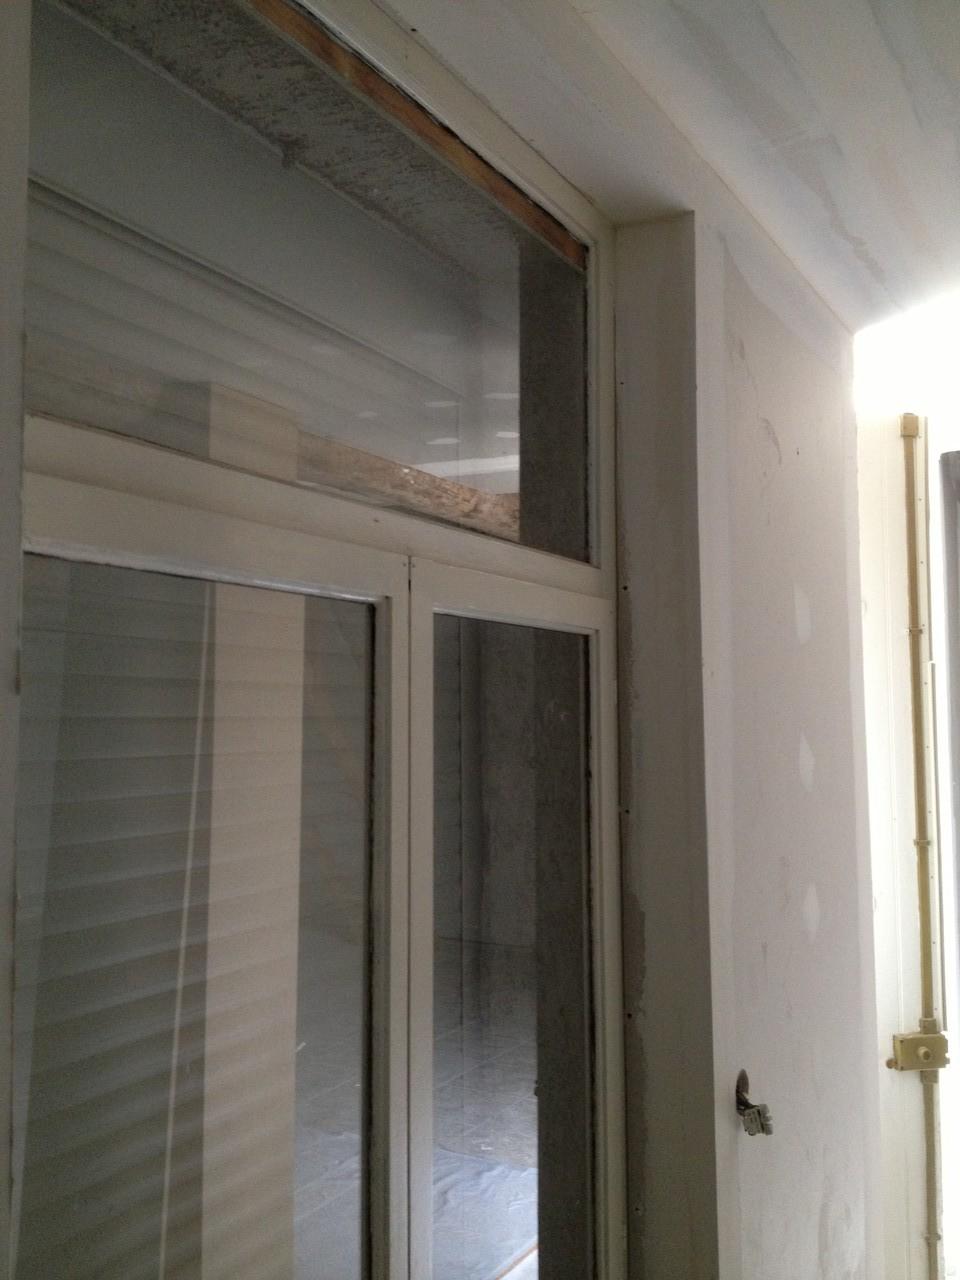 Détail de la nouvelle épaisseur dû à l'isolation sur porte fenêtre